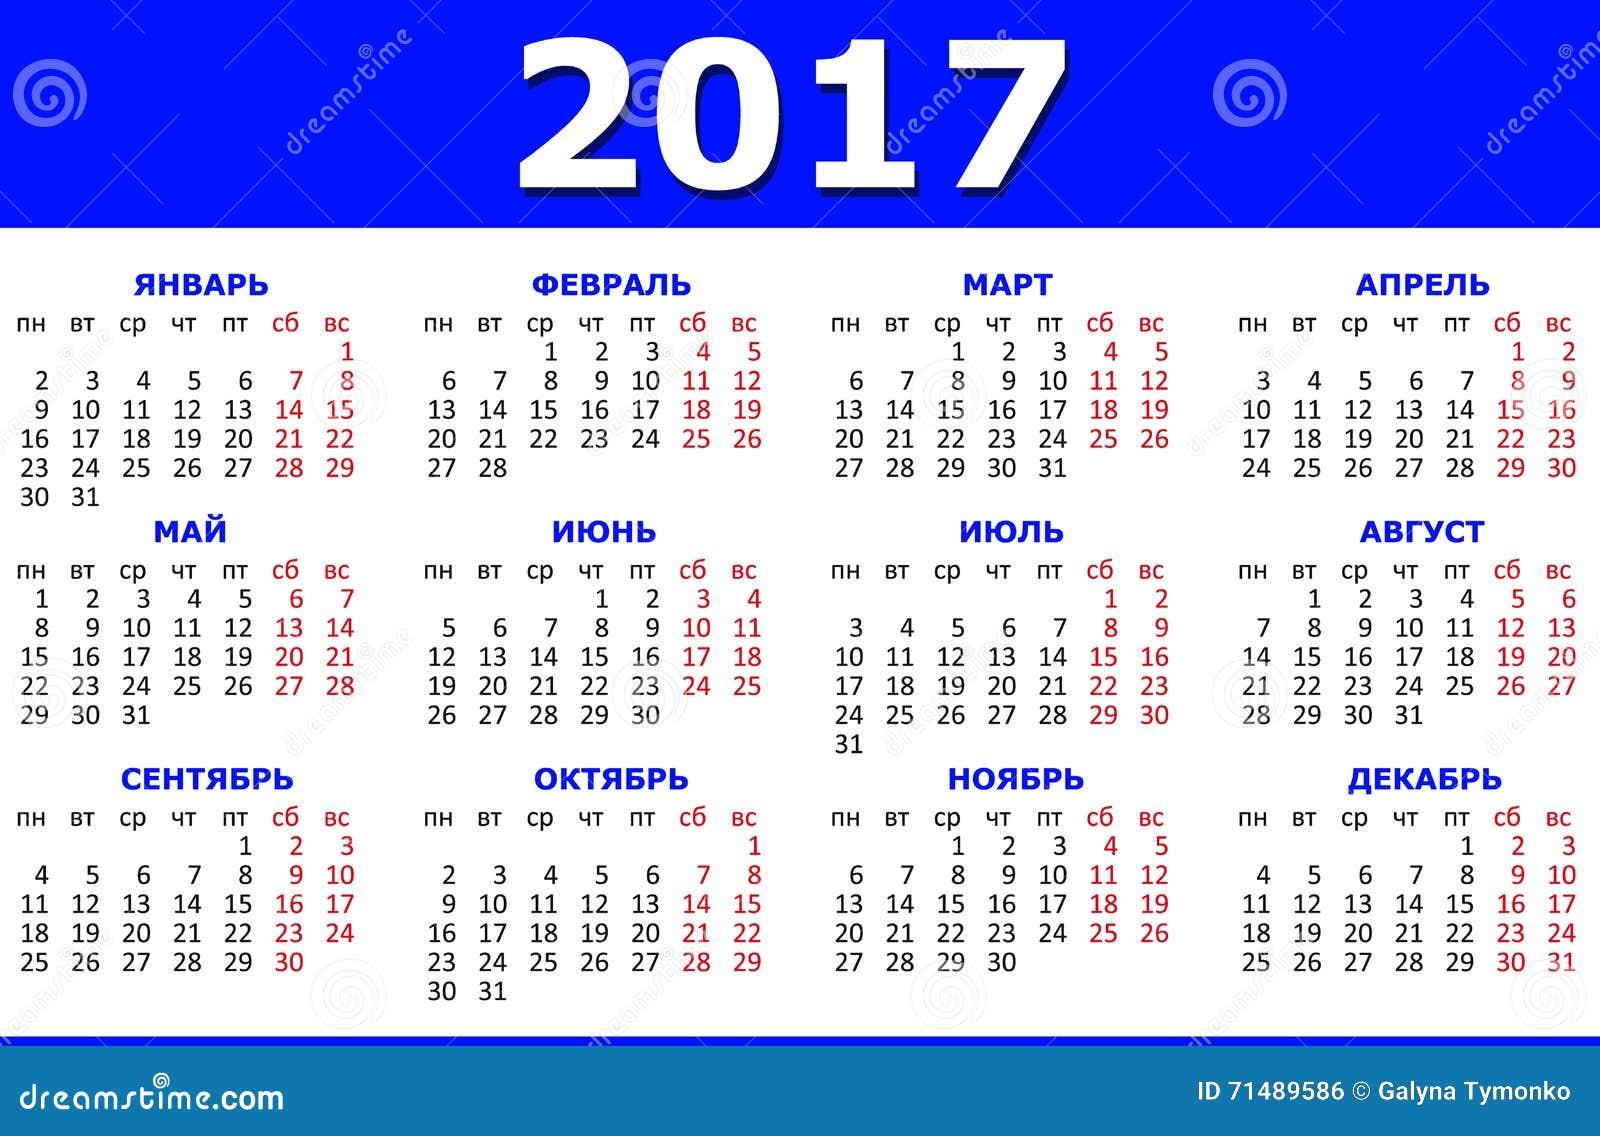 Как сделать календарь 2017 60